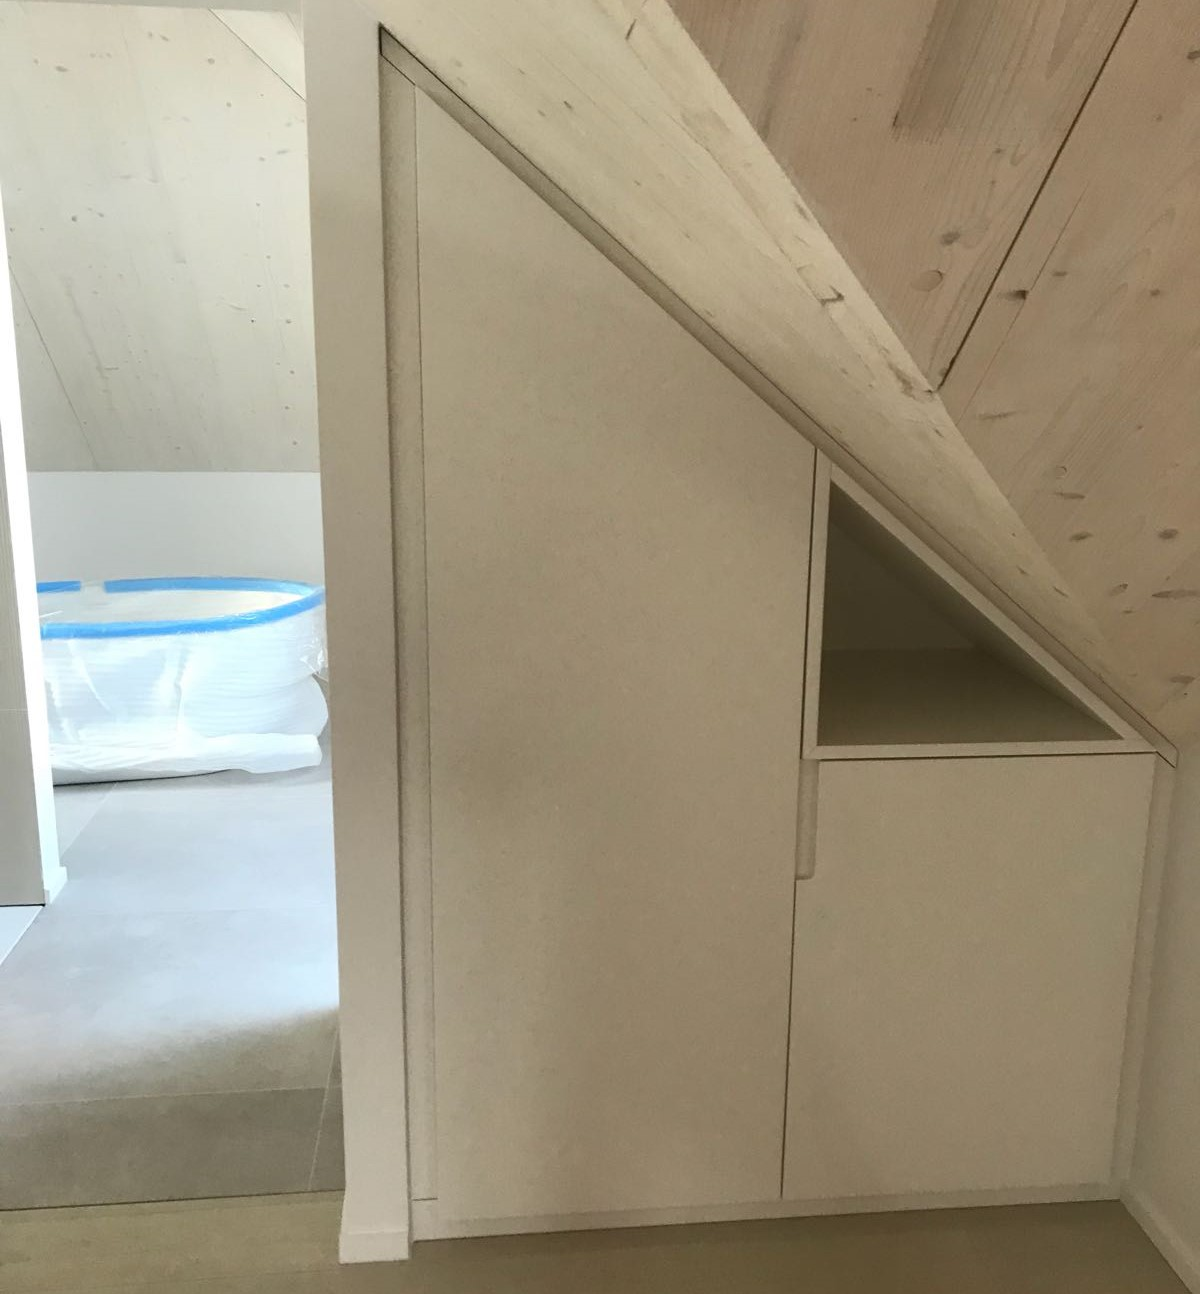 eclairage sous rampant amazing amazing lampe salle de bain plafond avec le plafonnier led w. Black Bedroom Furniture Sets. Home Design Ideas